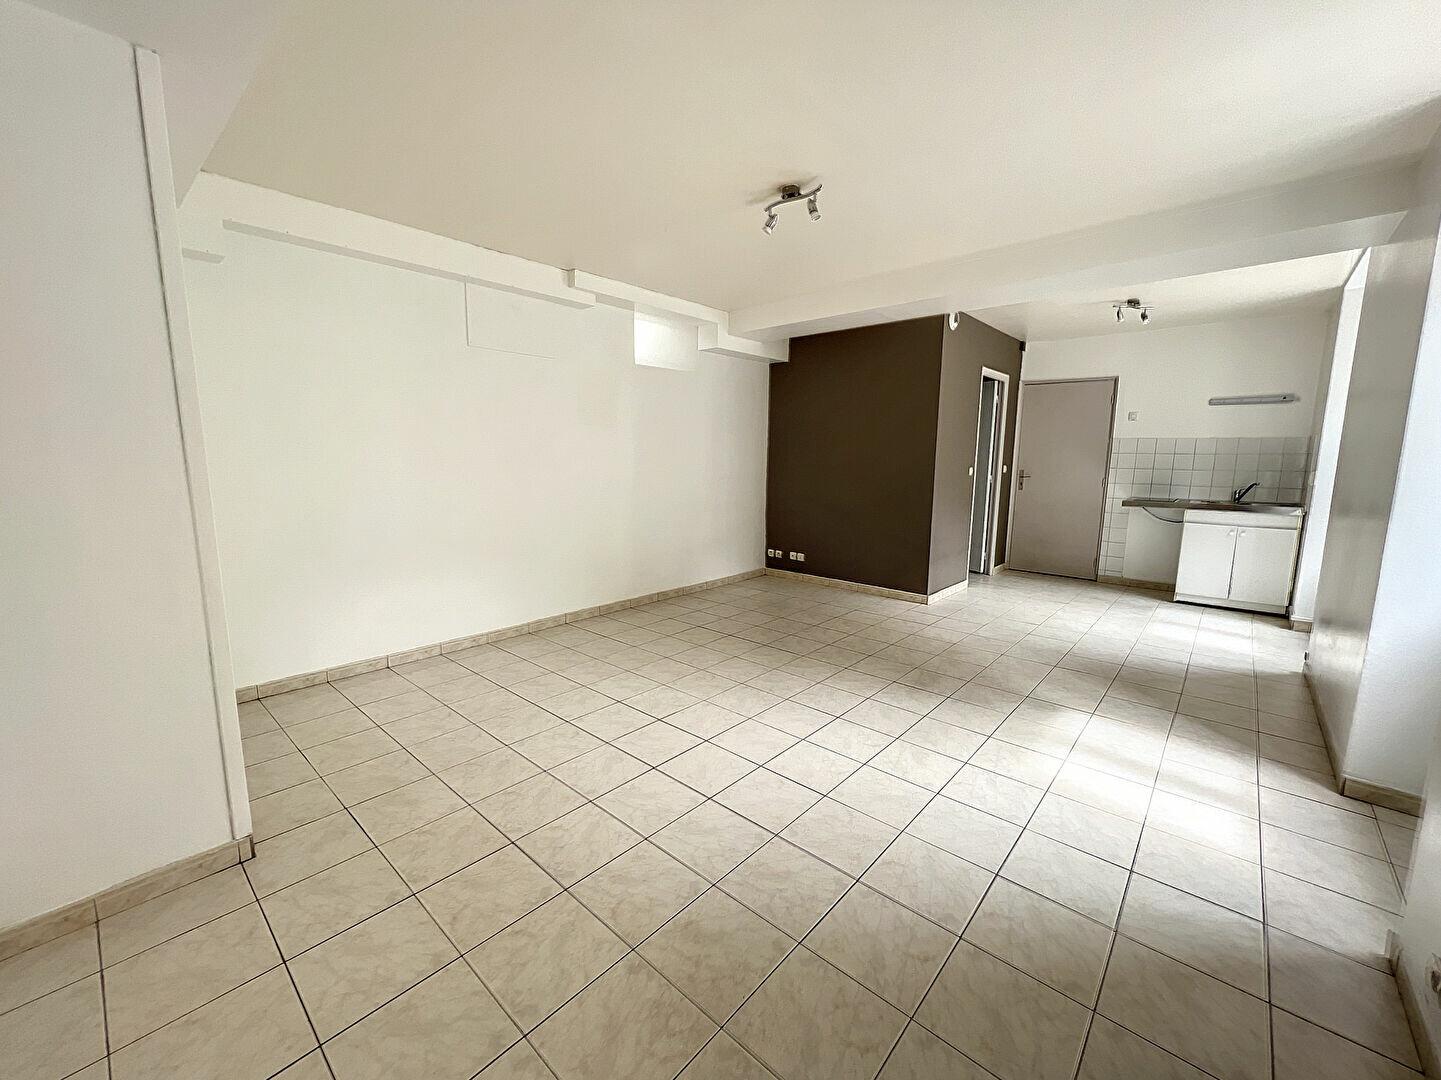 Appartement à louer 2 44.32m2 à Toury vignette-1